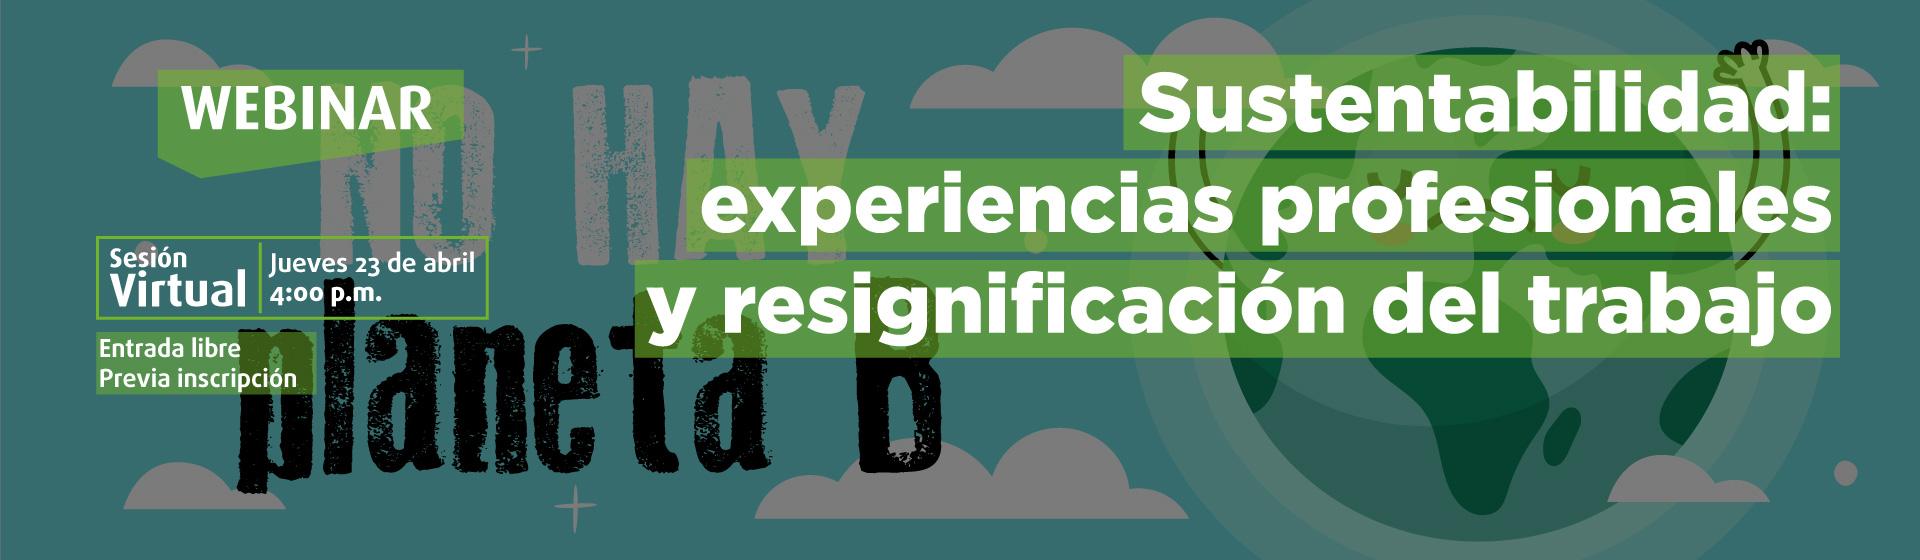 Sustentabilidad: experiencias profesionales y resignificación del trabajo. - Cider | Uniandes